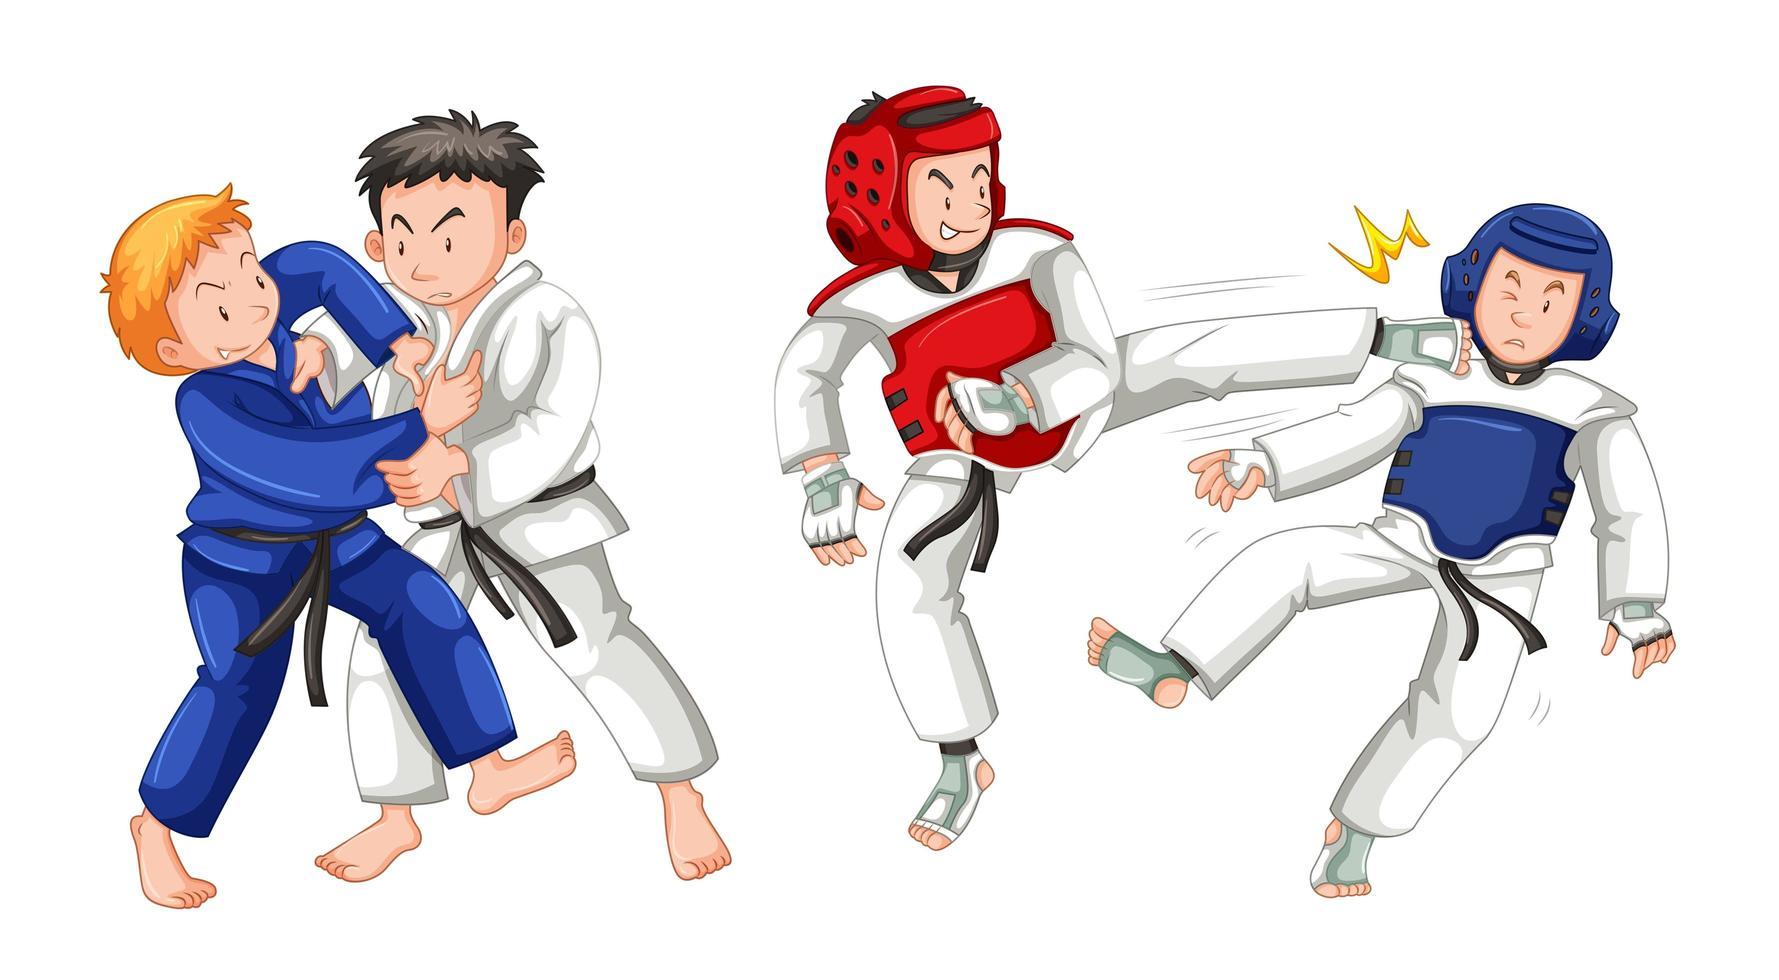 cartoon vechtsporten set vector